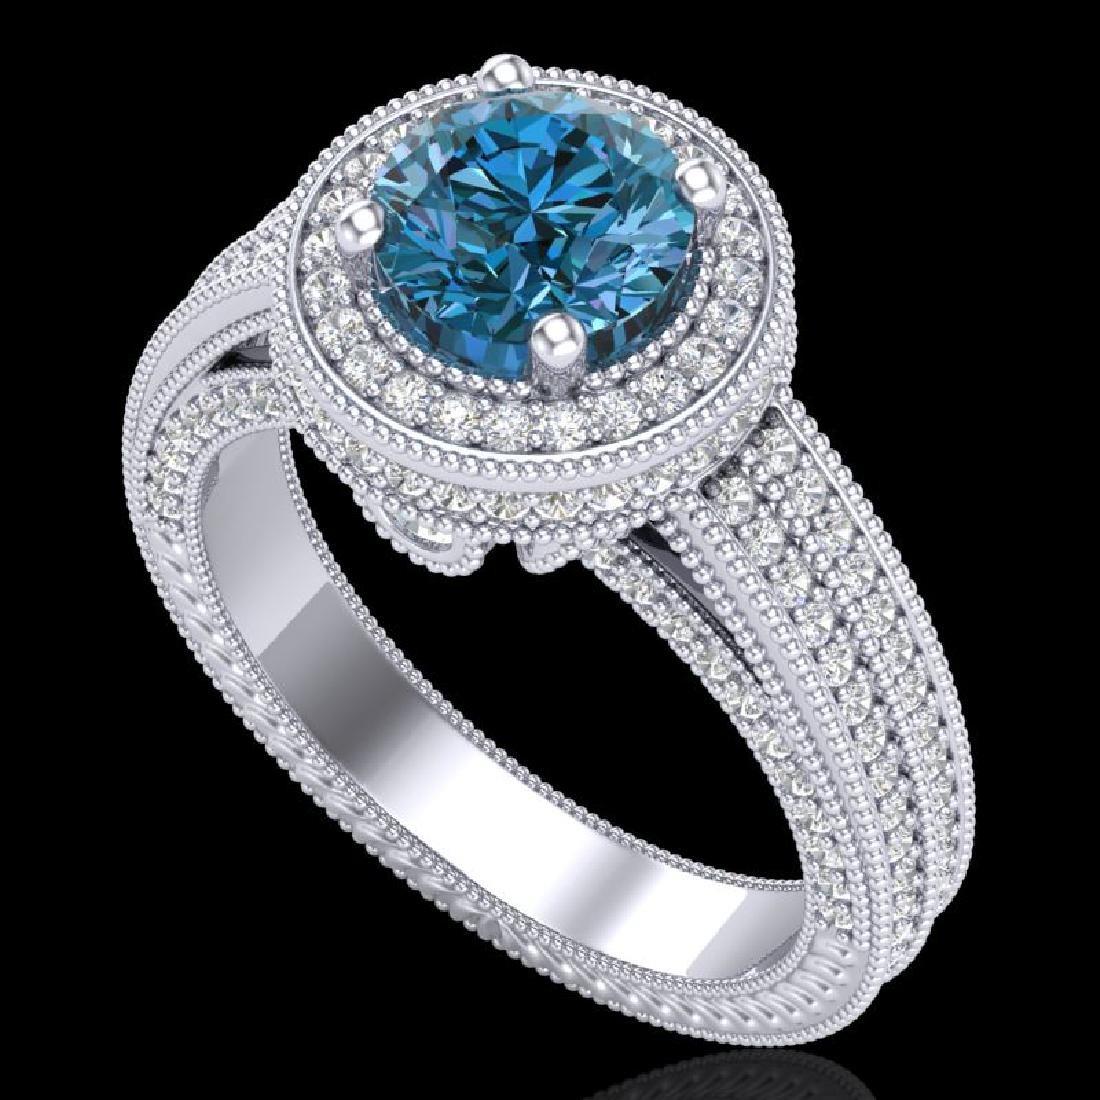 2.8 CTW Intense Blue Diamond Solitaire Engagement Art